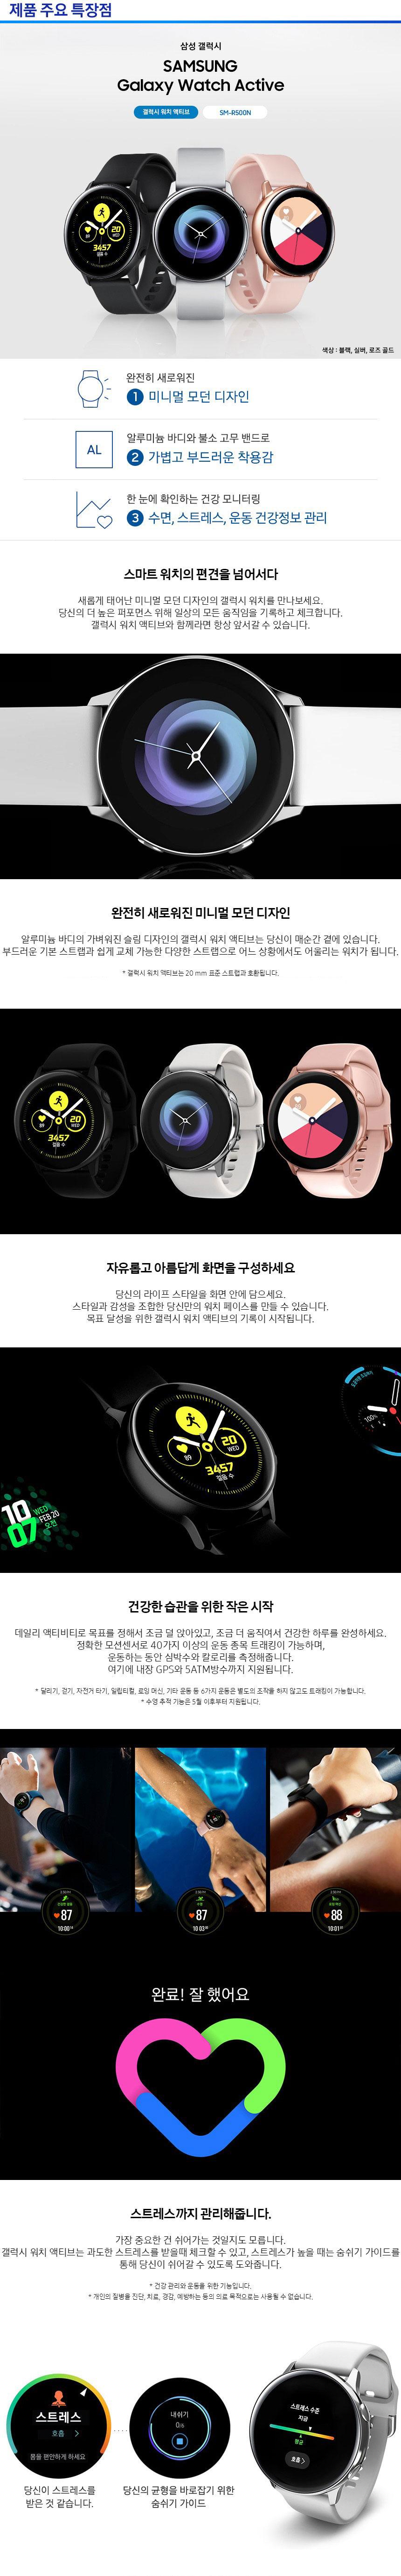 제품 주요 특장점 삼성 갤럭시 SAMSUNG Galaxy Watch Active 갤럭시 워치 액티브 SM-R500N WED 색상 : 블랙, 실버, 로즈 골드 완전히 새로워진 1 미니멀 모던 디자인 AL 알루미늄 바디와 불소 고무 밴드로 2 가볍고 부드러운 착용감 한 눈에 확인하는 건강 모니터링  3 수면, 스트레스, 운동 건강정보 관리 스마트 워치의 편견을 넘어서다. 새롭게 태어난 미니멀 모던 디자인의 갤럭시 워치를 만나보세요. 당신의 더높은 퍼포먼스 위해 일상의 모든 움직임을 기록하고 체크합니다. 갤럭시 워치 액티브와 함께라면 항상 앞서갈 수 있습니다.완전히 새로워진 미니멀 모던 디자인 알루미늄 바디의 가벼워진 슬림 디자인의 갤럭시 워치 액티브는 당신이 매순간 곁에 있습니다. 부드러운 기본 스트랩과 쉽게 교체 가능한 다양한 스트랩으로 어느 상황에서도 어울리는 워치가 됩니다. 갤럭시 워치 액티브는 20 mm 표준 스트랩과 호환됩니다. 자유롭고 아름답게 화면을 구성하세요. 당신의 라이프 스타일을 화면 안에 담으세요. 스타일과 감성을 조합한 당신만의 워치 페이스를 만들 수 있습니다. 목표 달성을 위한 갤럭시 워치 액티브의 기록이 시작됩니다. 건강한 습관을 위한 작은 시작 데일리 액티비티로 목표를 정해서 조금 덜 앉아있고, 조금 더 움직여서 건강한 하루를 완성하세요.정확한 모션센서로 40가지 이상의 운동 종목 트래킹이 가능하며, 운동하는 동안 심박수와 칼로리를 측정해줍니다. 여기에 내장 GPS와 5ATM방수까지 지원됩니다. * 달리기, 걷기, 자전거 타기, 일립티컬, 로잉 머신, 기타 운동 등 6가지 운동은 별도의 조작을 하지 않고도 트래킹이 가능합니다. * 수영 추적 기능은 5월 이후부터 지원됩니다. 완료! 잘 했어요. 스트레스까지 관리해줍니다. 가장 중요한 건 쉬어가는 것일지도 모릅니다. 갤럭시 워치 액티브는 과도한 스트레스를 받을때 체크할 수 있고, 스트레스가 높을 때는 숨쉬기 가이드를 통해 당신이 쉬어갈 수 있도록 도와줍니다. * 건강 관리와 운동을 위한 기능입니다. * 개인의 질병을 진단, 치료, 경감, 예방하는 등의 의료 목적으로는 사용될 수 없습니다. 스트레스 내쉬기 스트레스 수준 몸을 편안하게 하세요 당신이 스트레스를 받은 것 같습니다. 당신의 균형을 바로잡기 위한 숨쉬기 가이드